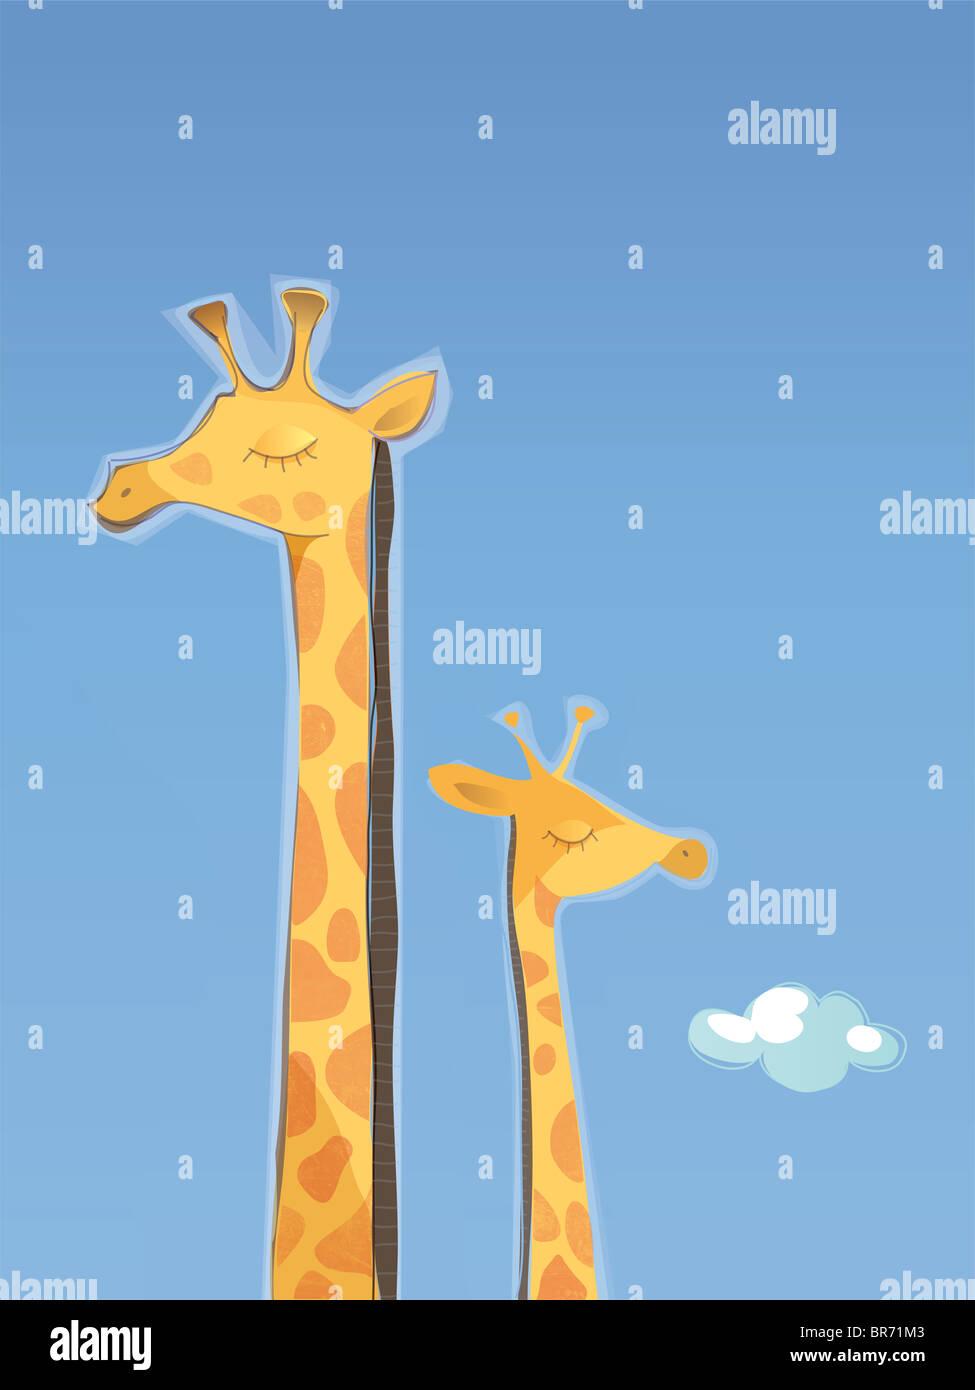 Eine Abbildung einer Giraffe Mutter und Kind Stockfoto